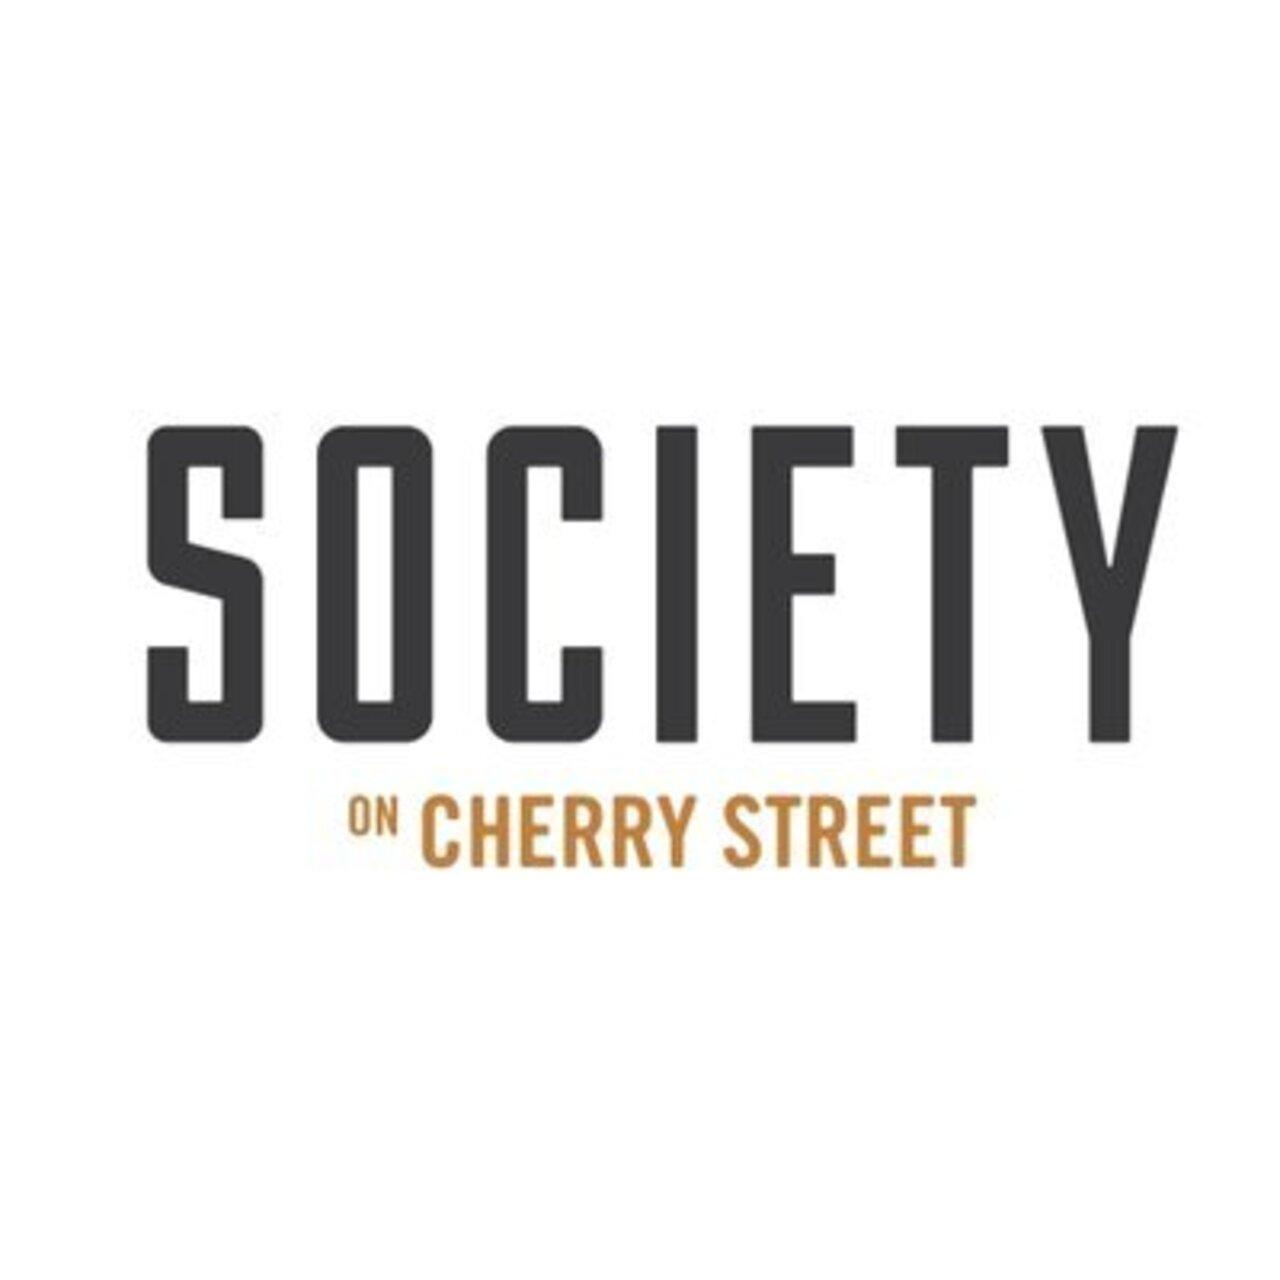 Society Burger